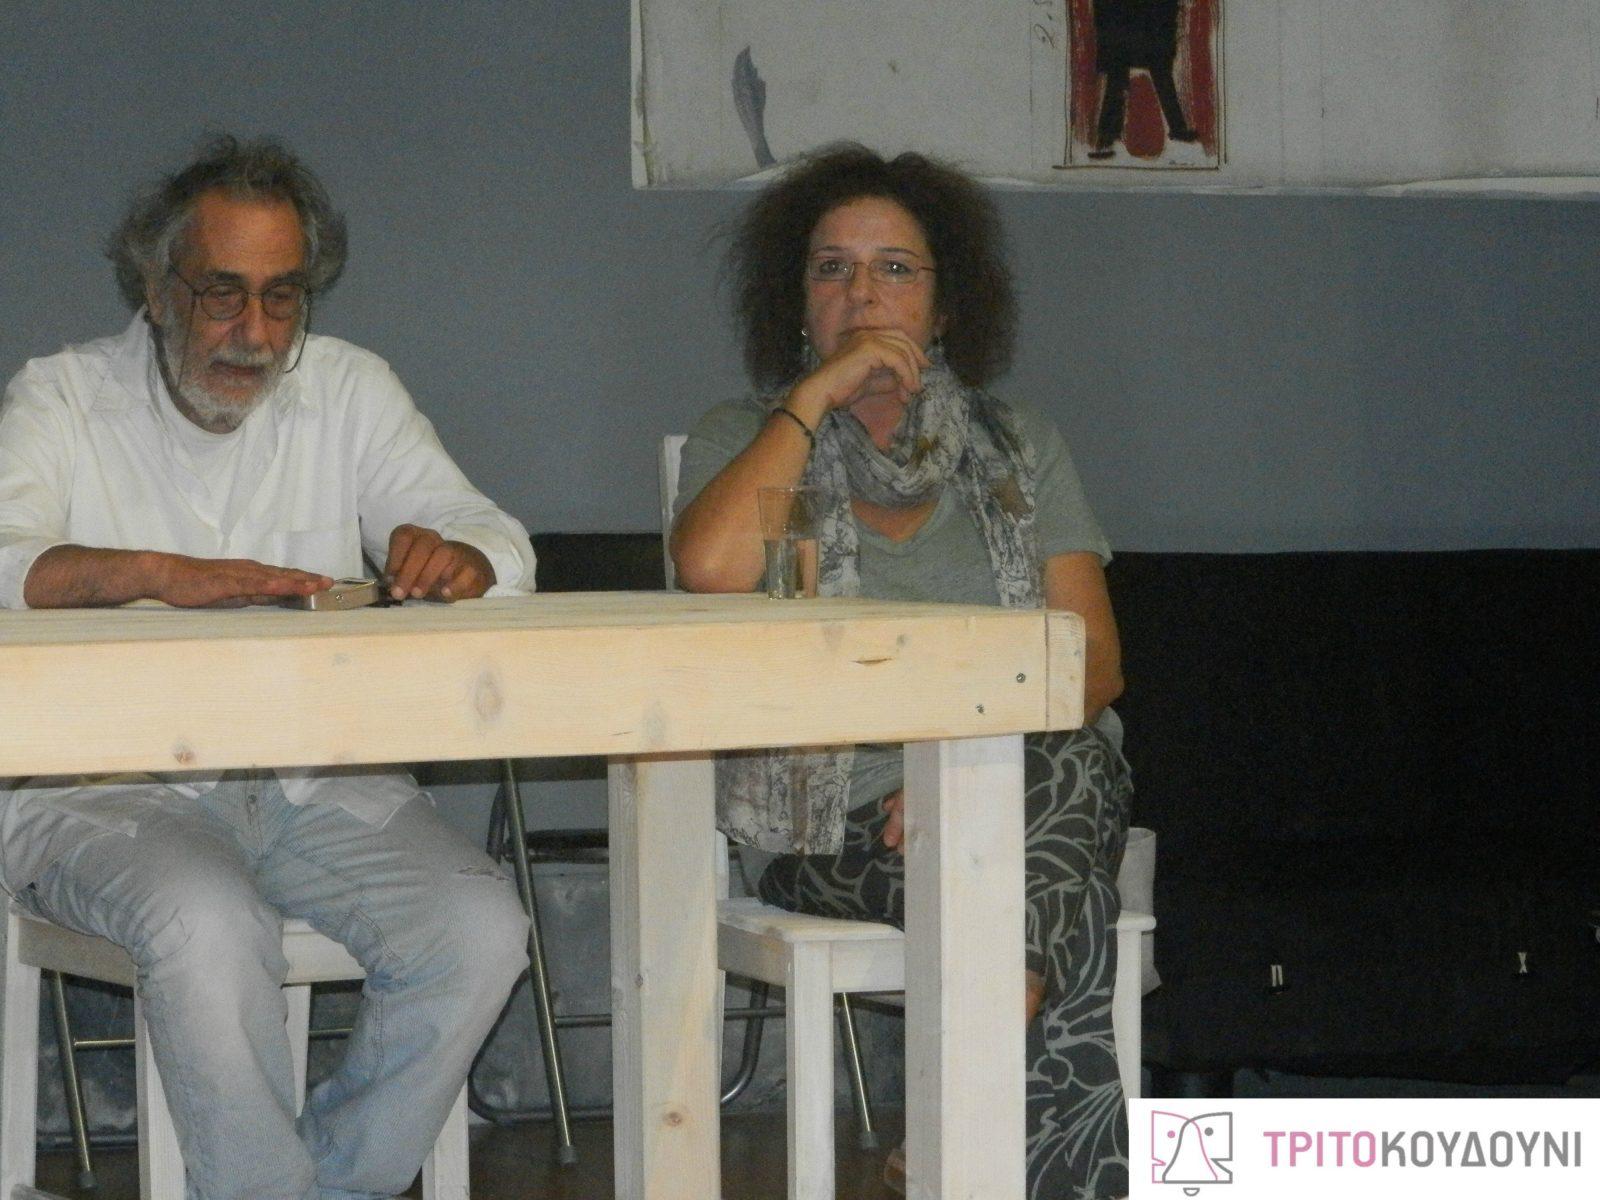 Κώστας Αρζόγλου, Κατερίνα Καμπανέλλη